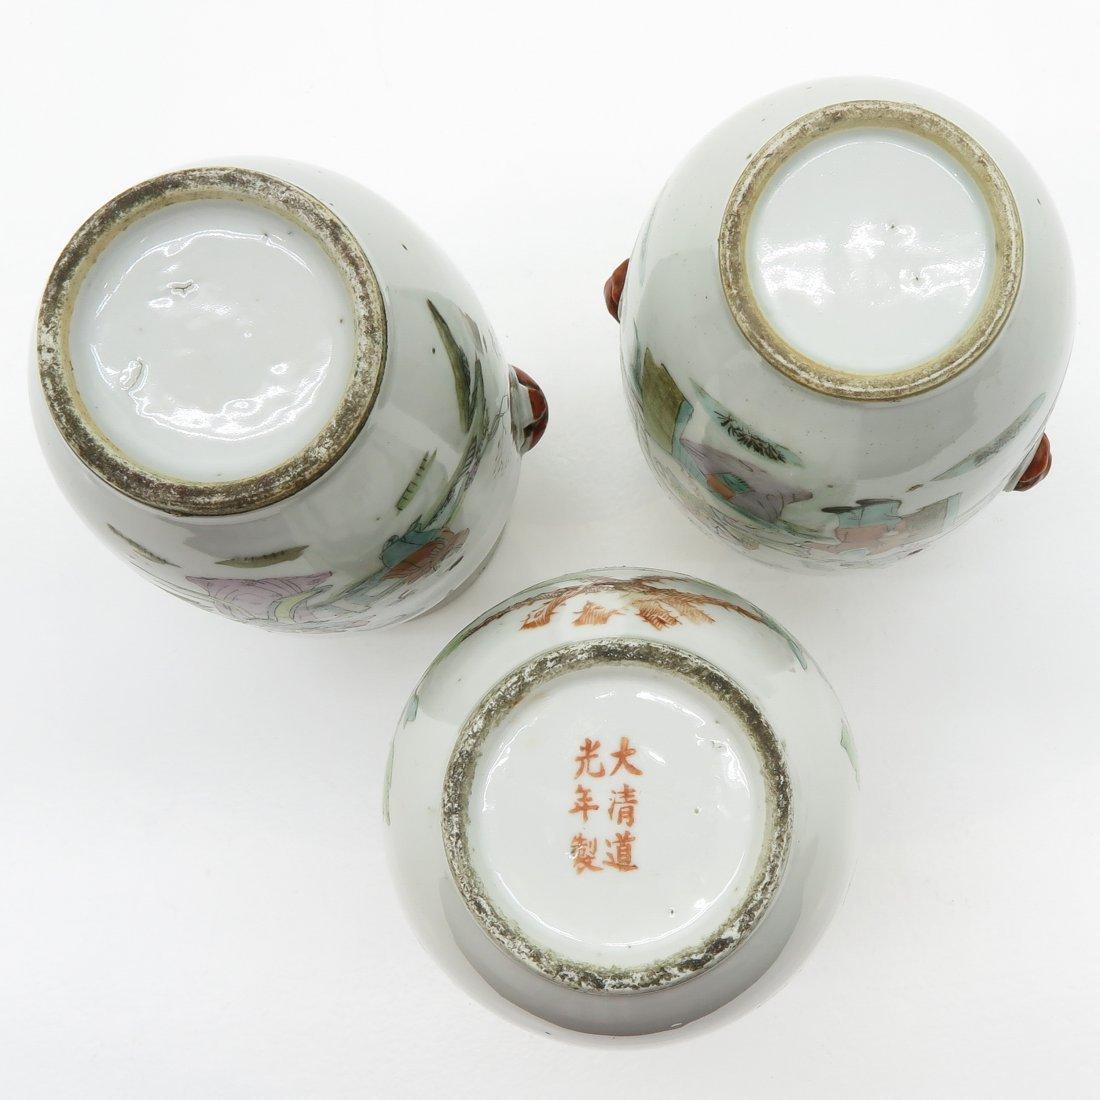 Lot of 3 Republic Period Vases - 6